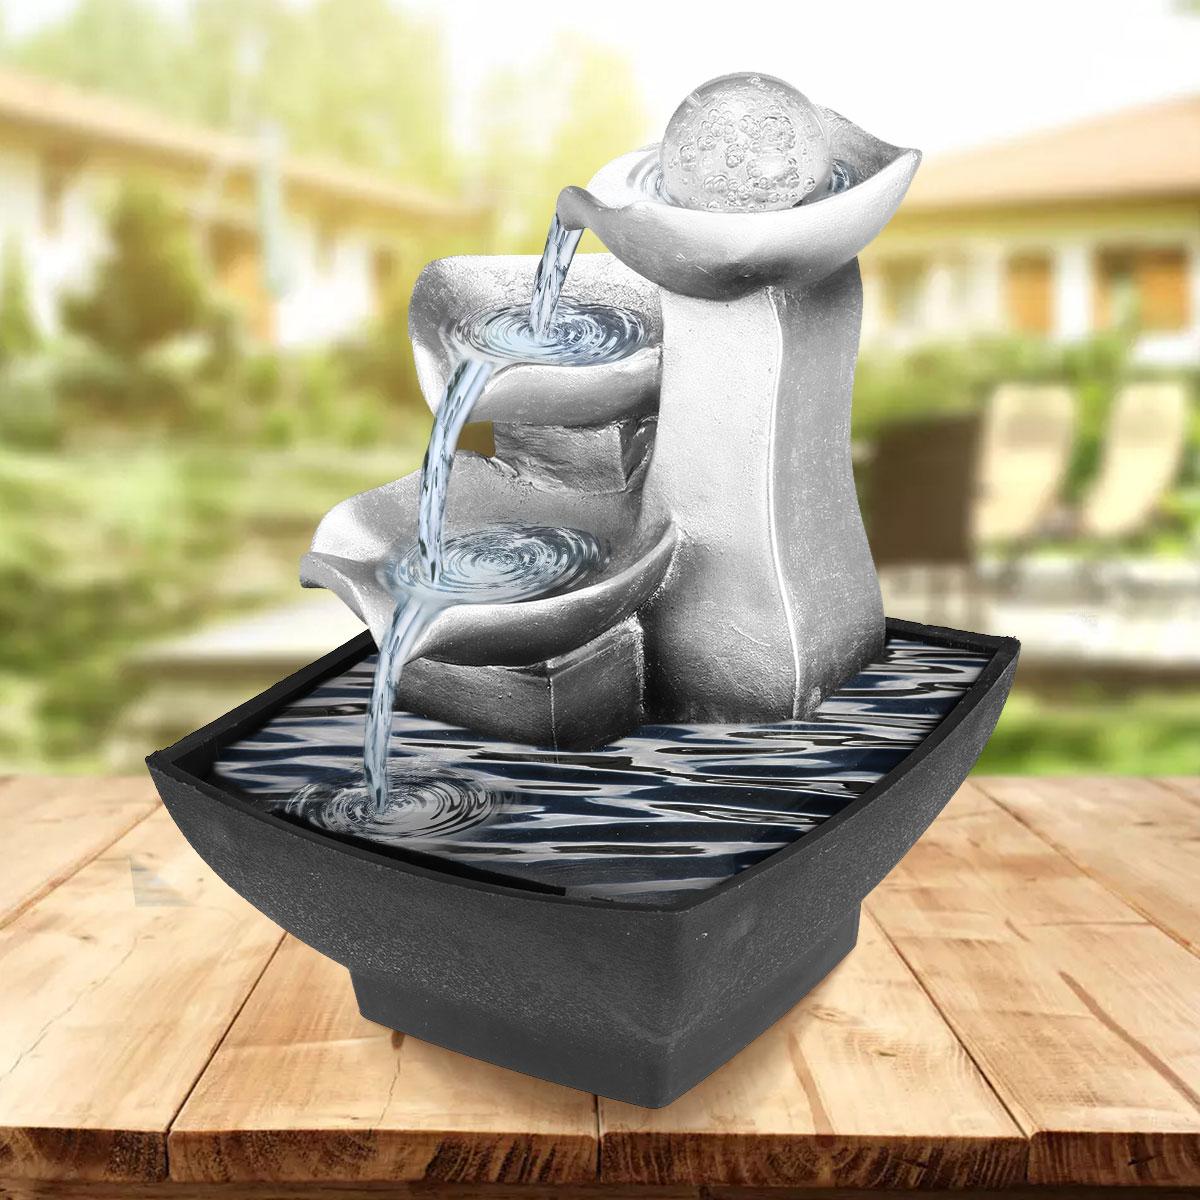 Résine fontaines d'eau intérieur Rockery cascade décoration artisanat bureau décor Figurines Feng Shui bureau eau son ornements